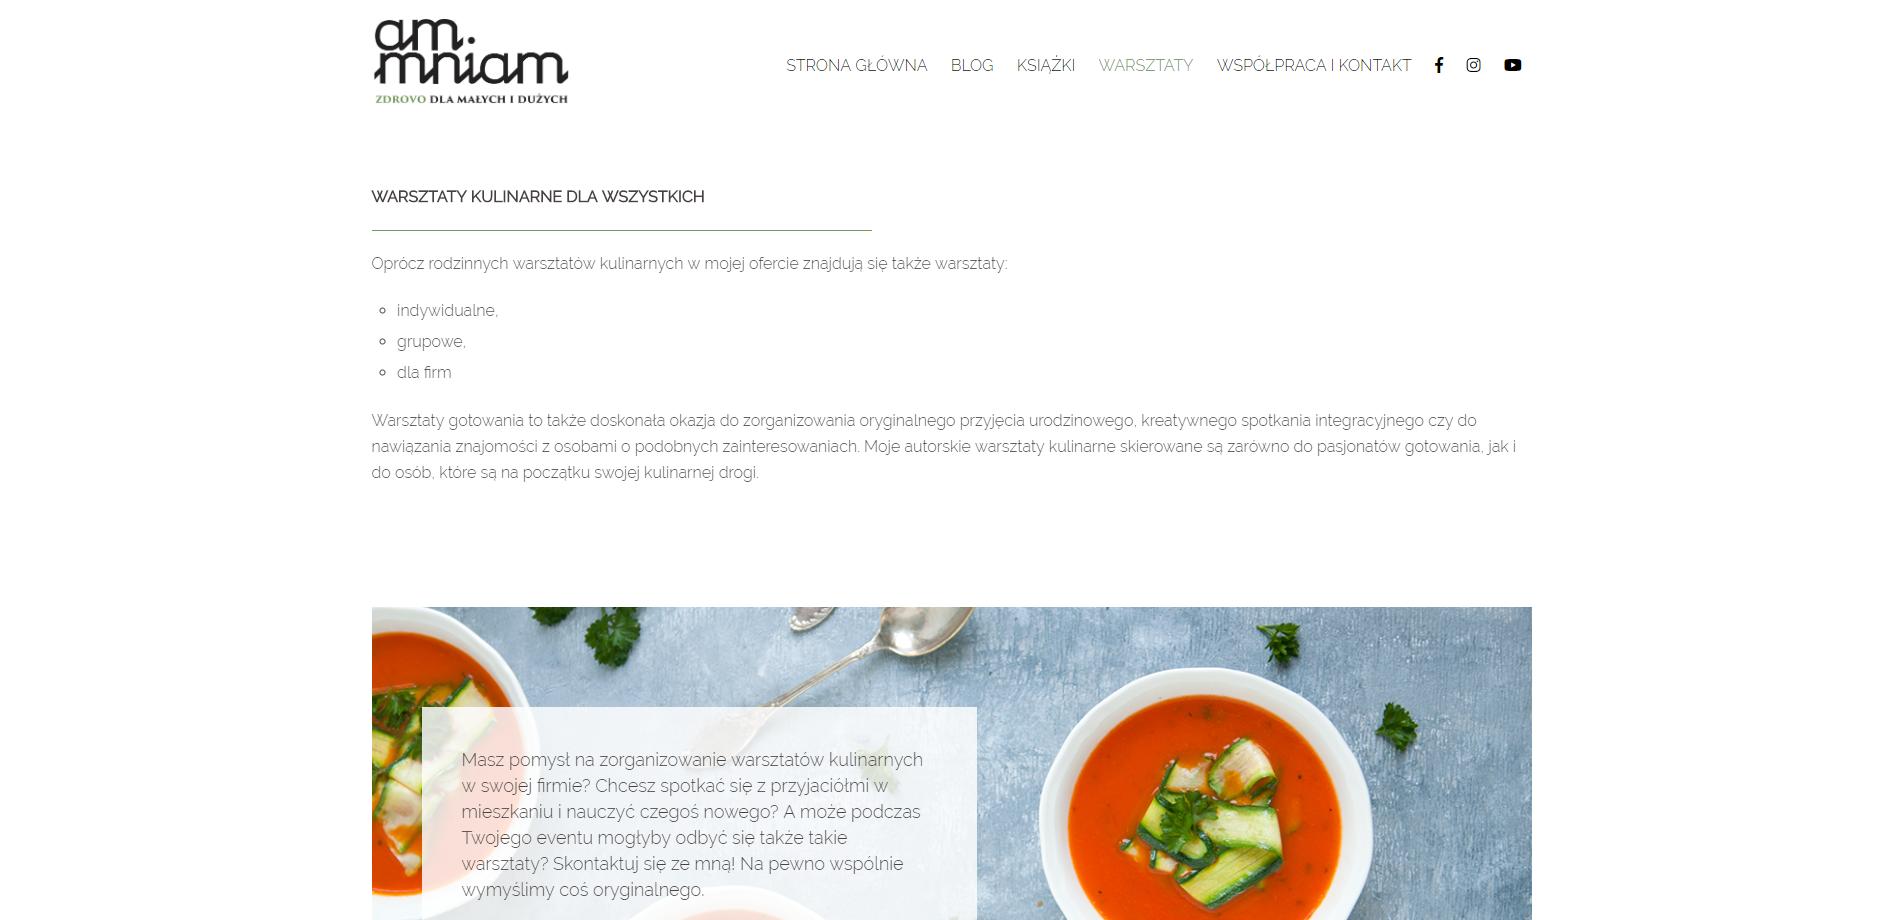 AwesomeScreenshot-Warsztaty-kulinarne-2019-07-10-10-07-42